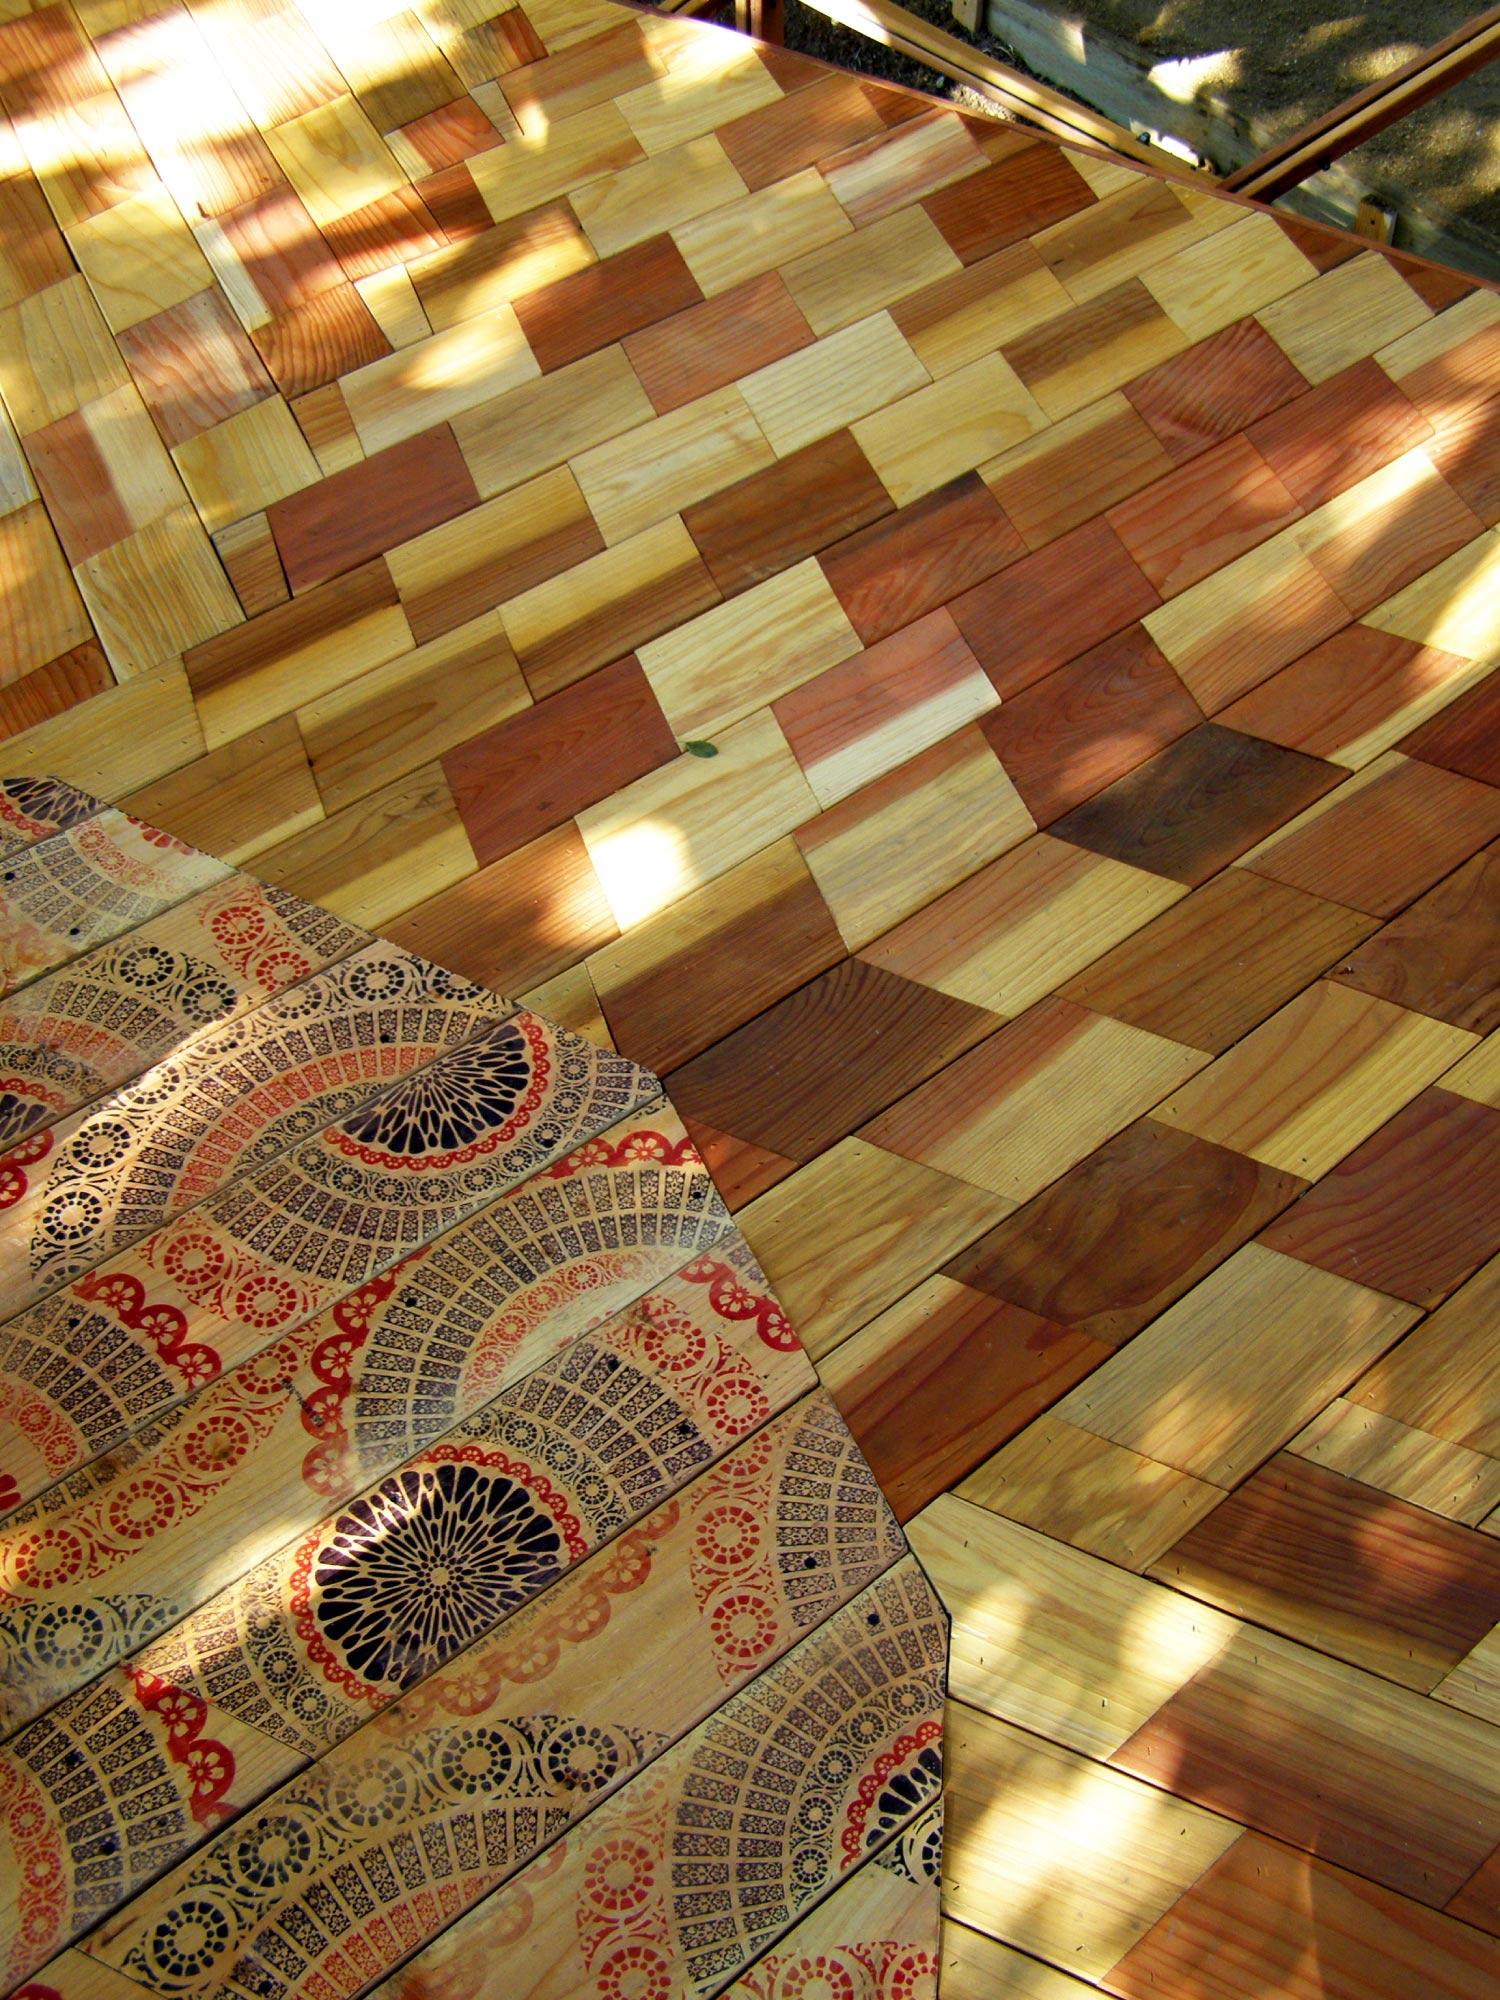 floorpattern.jpg